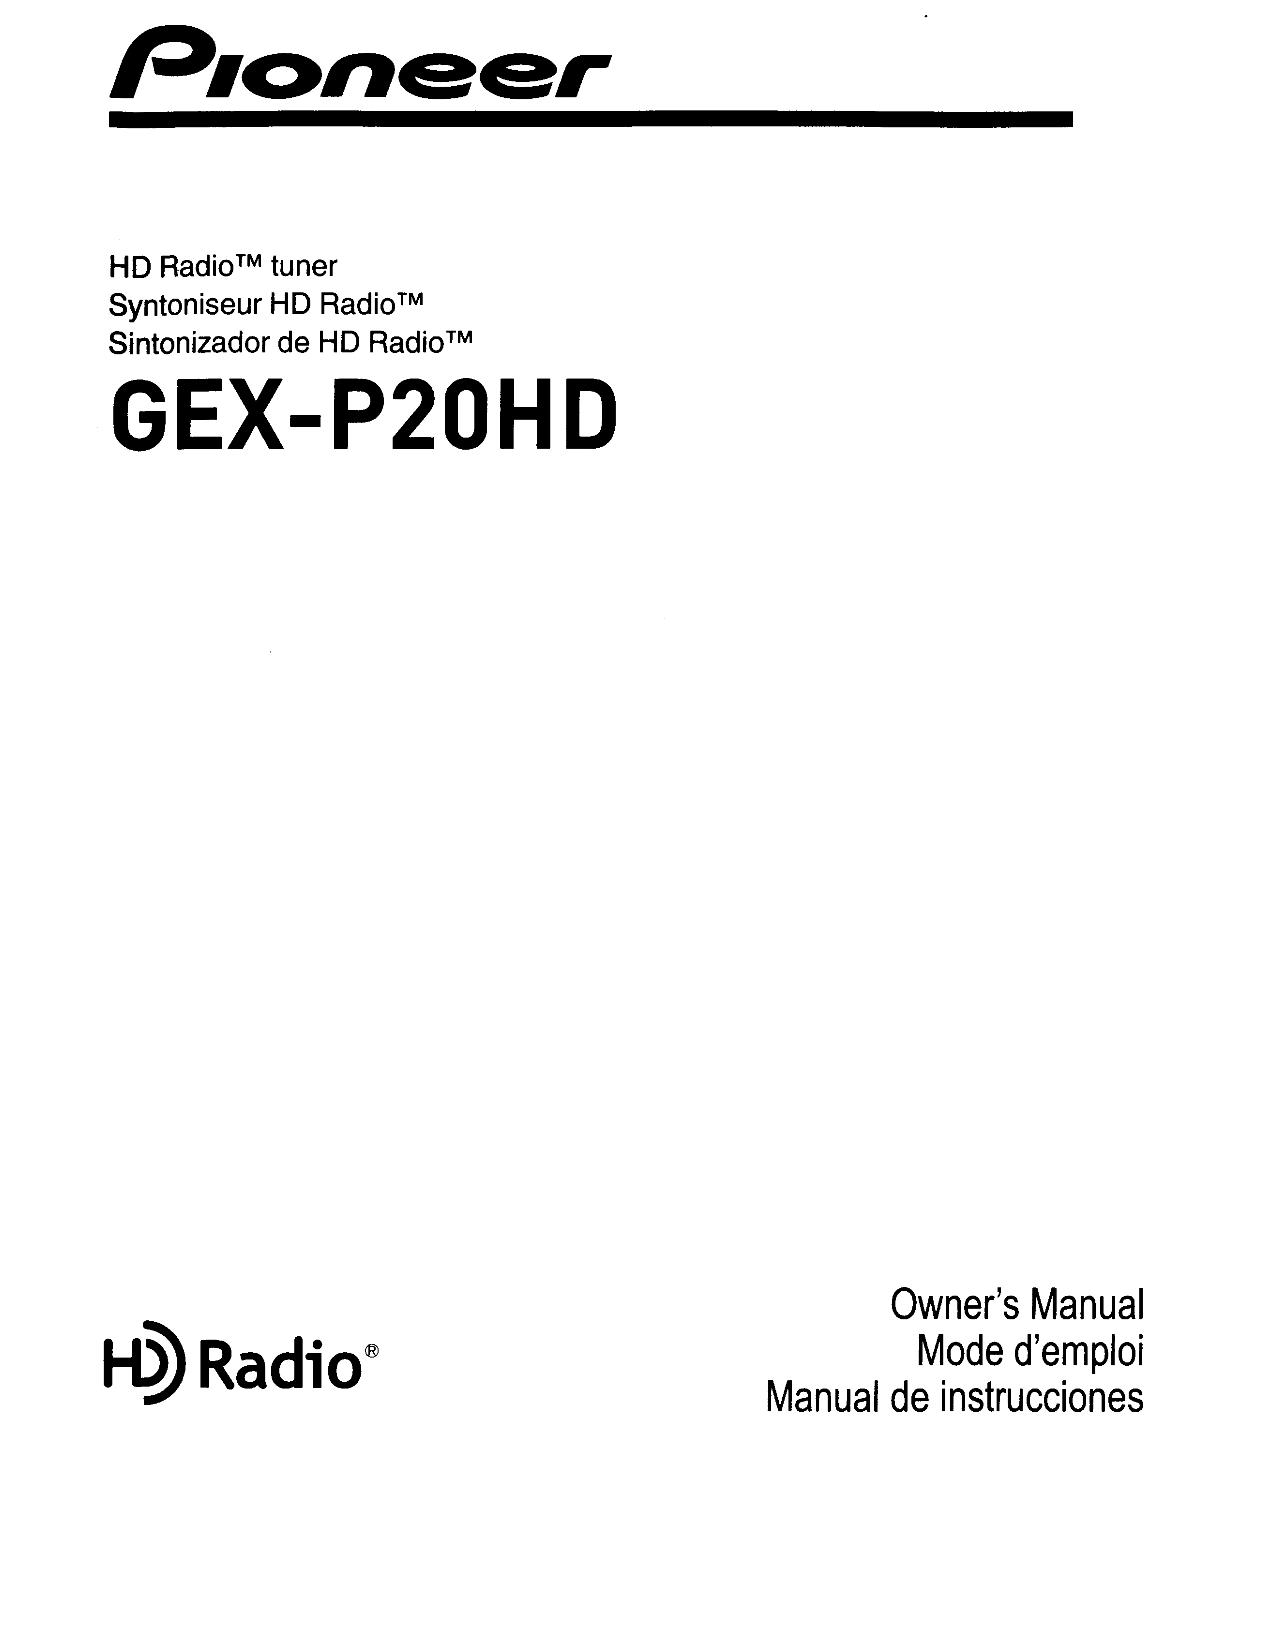 pdf for pioneer car video avic-n4 manual